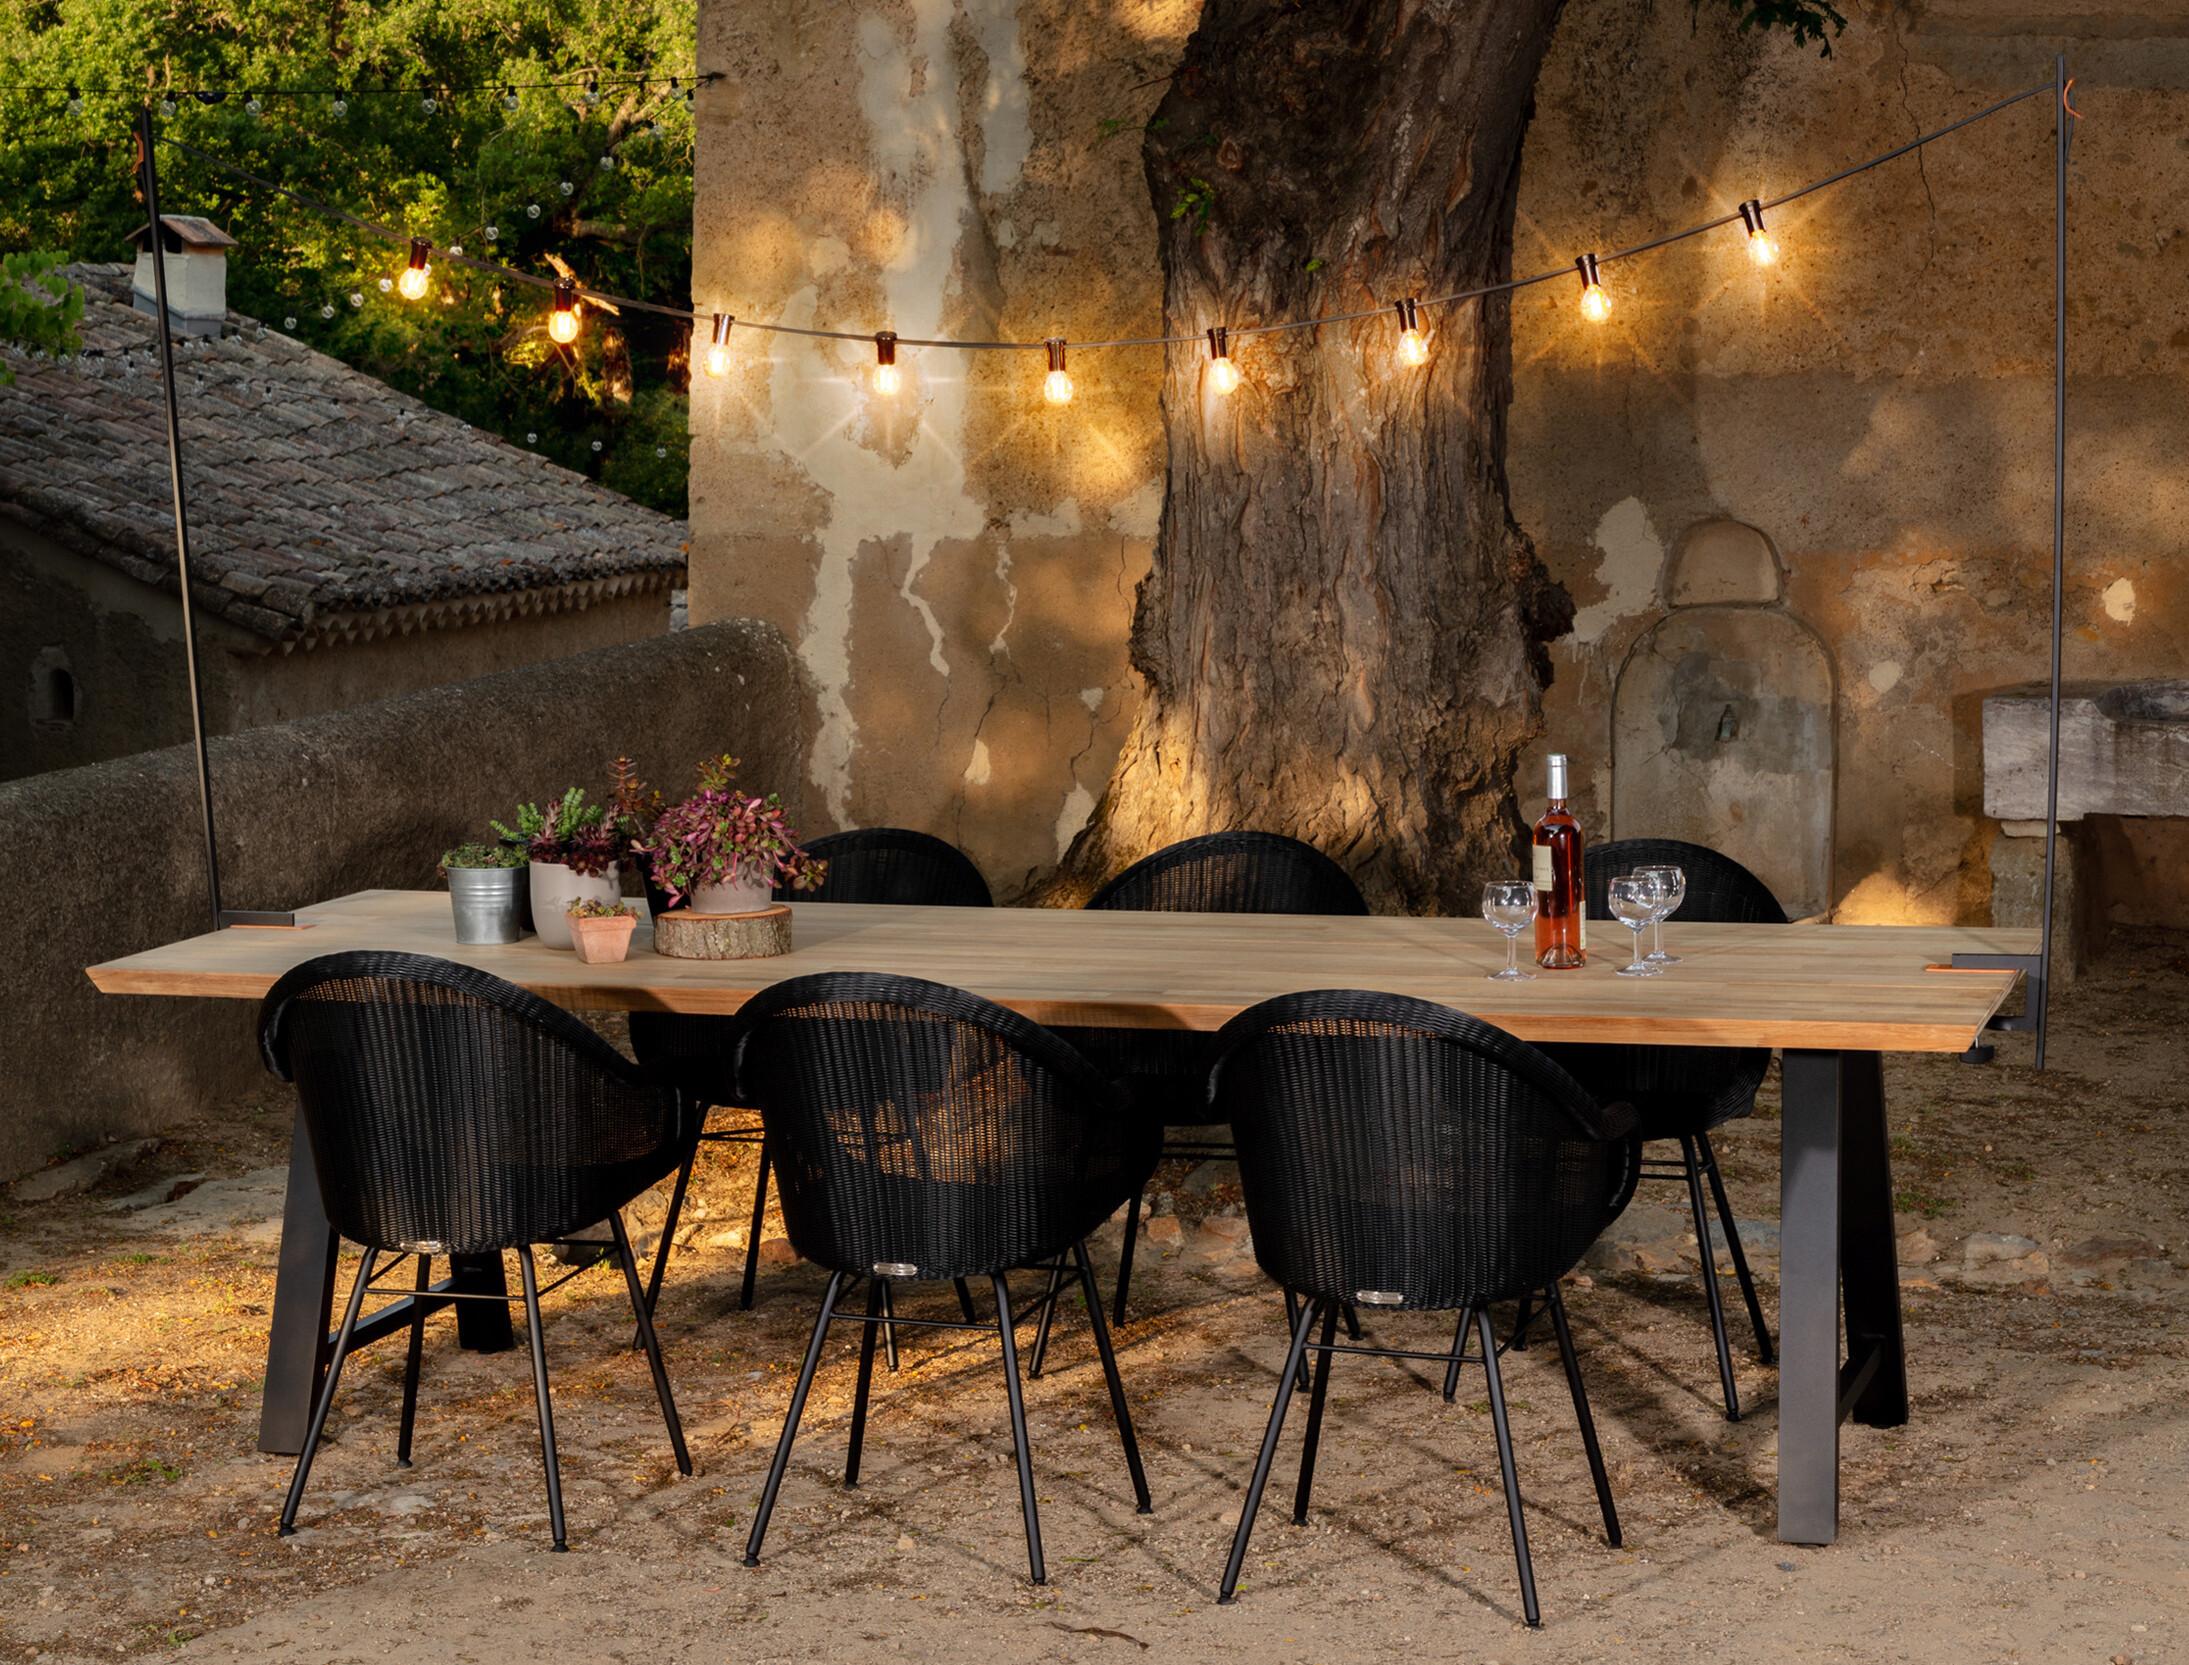 Outdoor Lichtergirlande Light My Table